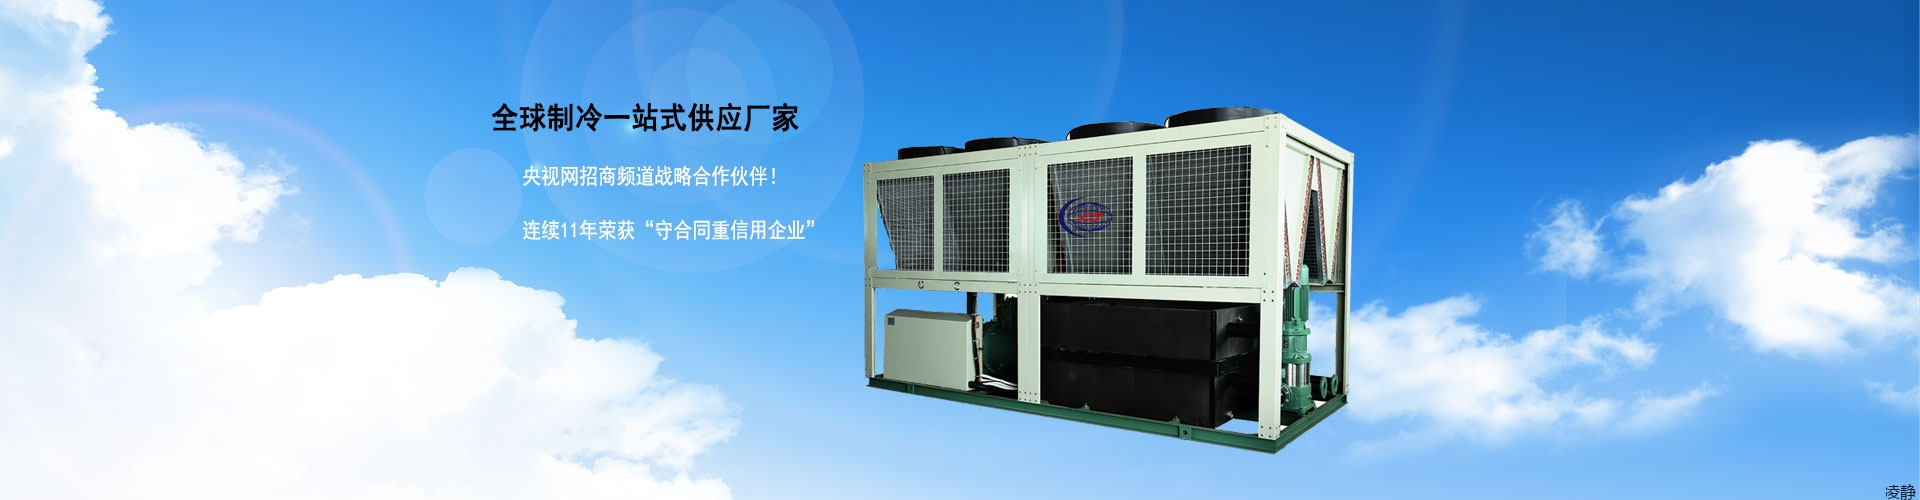 风冷螺杆冷水机   螺杆冷却机    水冷一体式冷水机